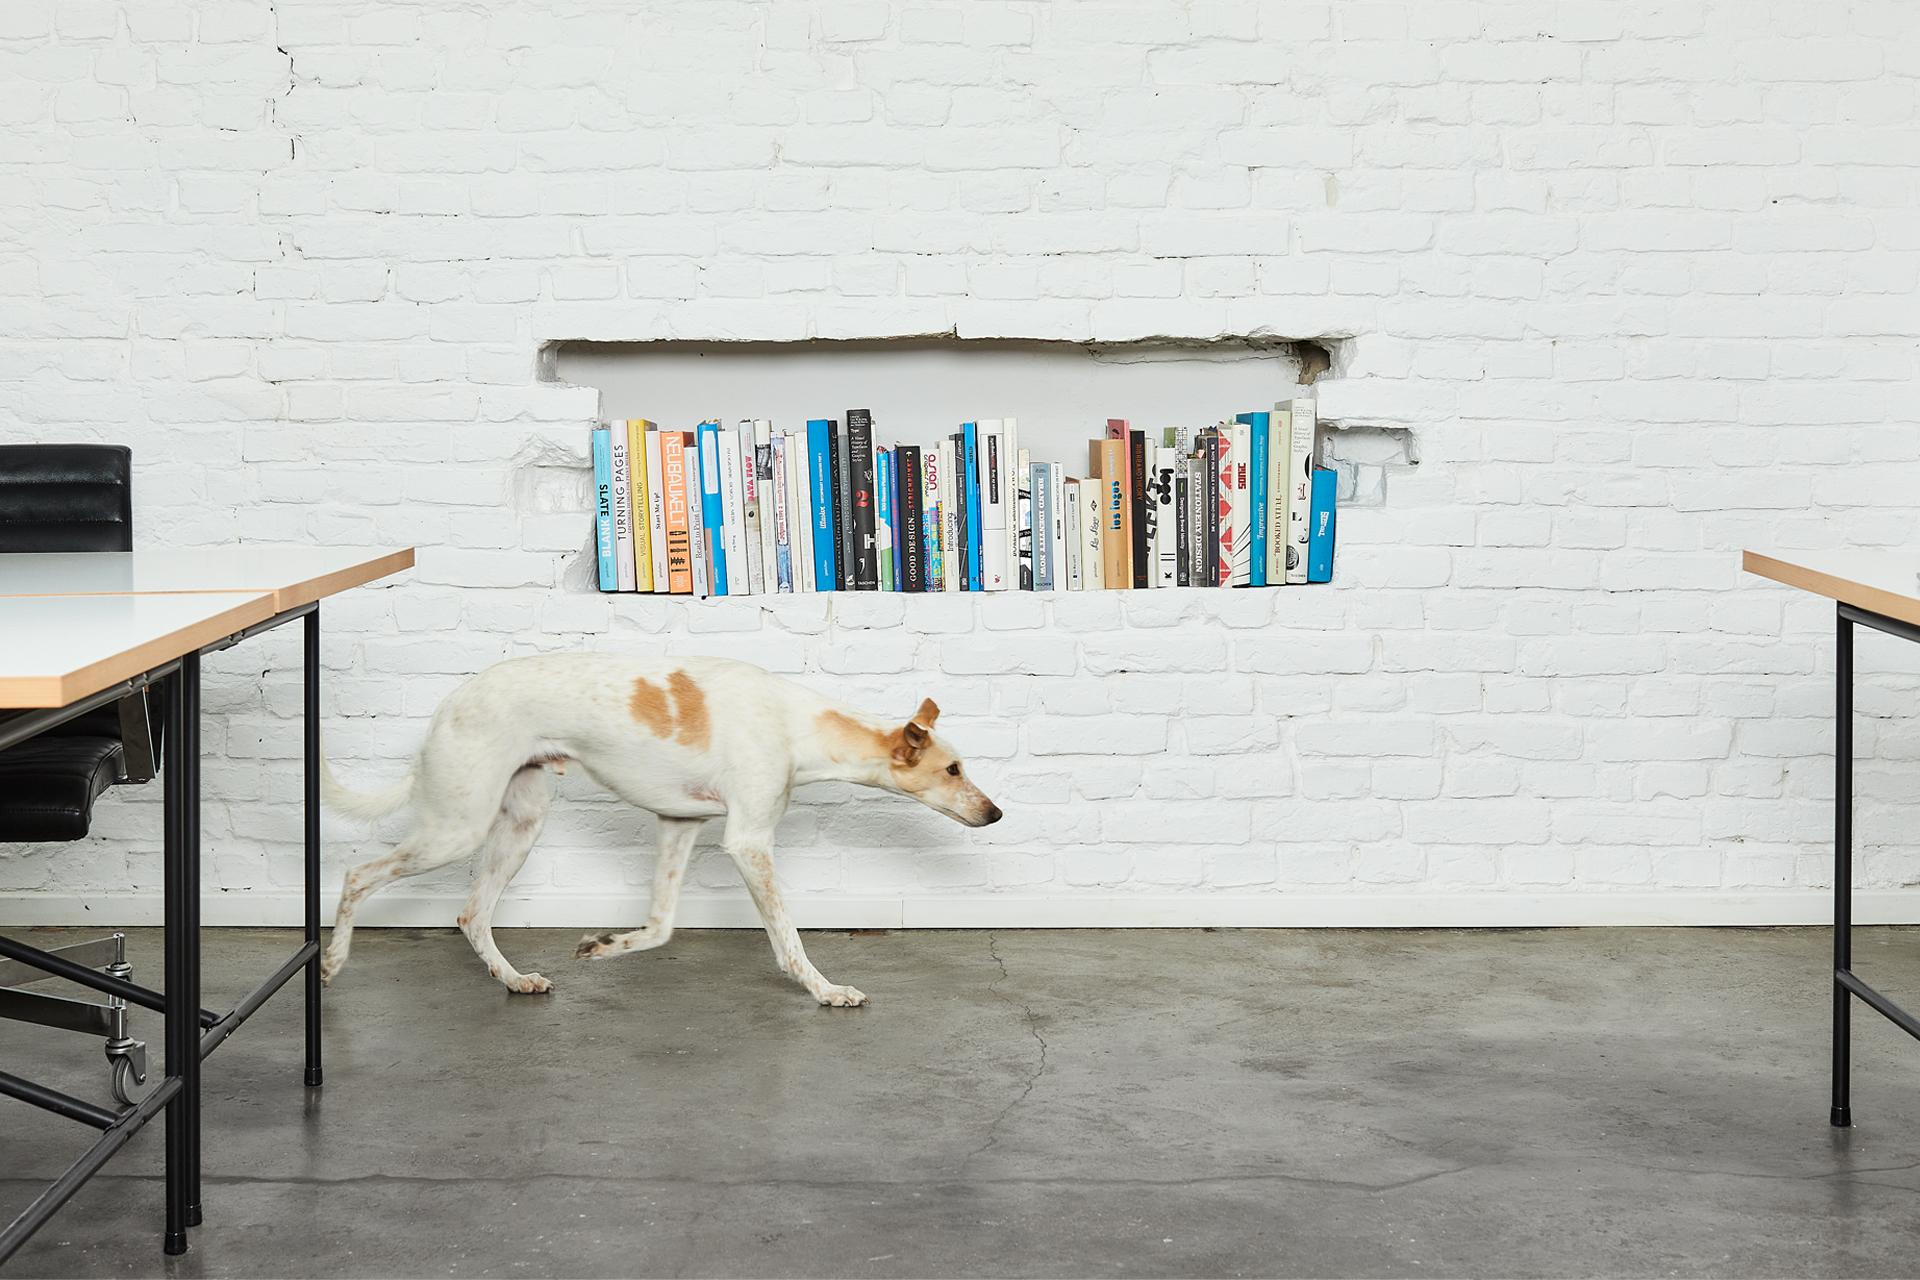 kraut und konfetti designstudio designagentur büro hund backsteinwand bücherregal